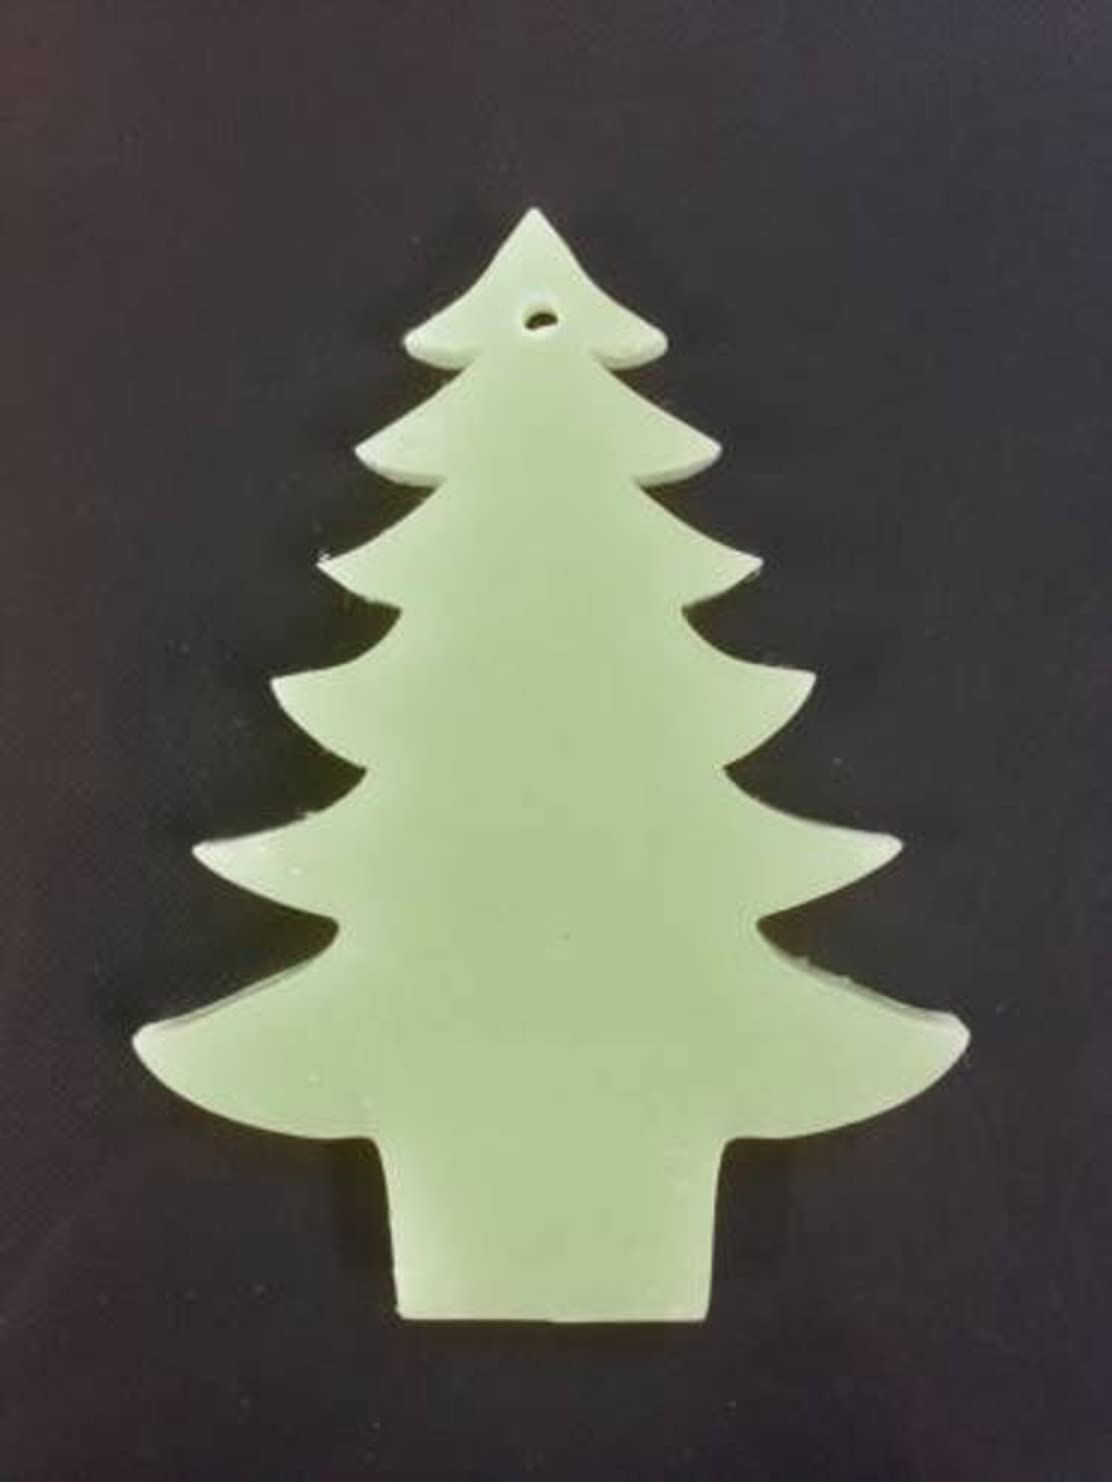 閉じ込める関係する歌GRASSE TOKYO AROMATICWAXチャーム「ツリー」(GR) レモングラス アロマティックワックス グラーストウキョウ